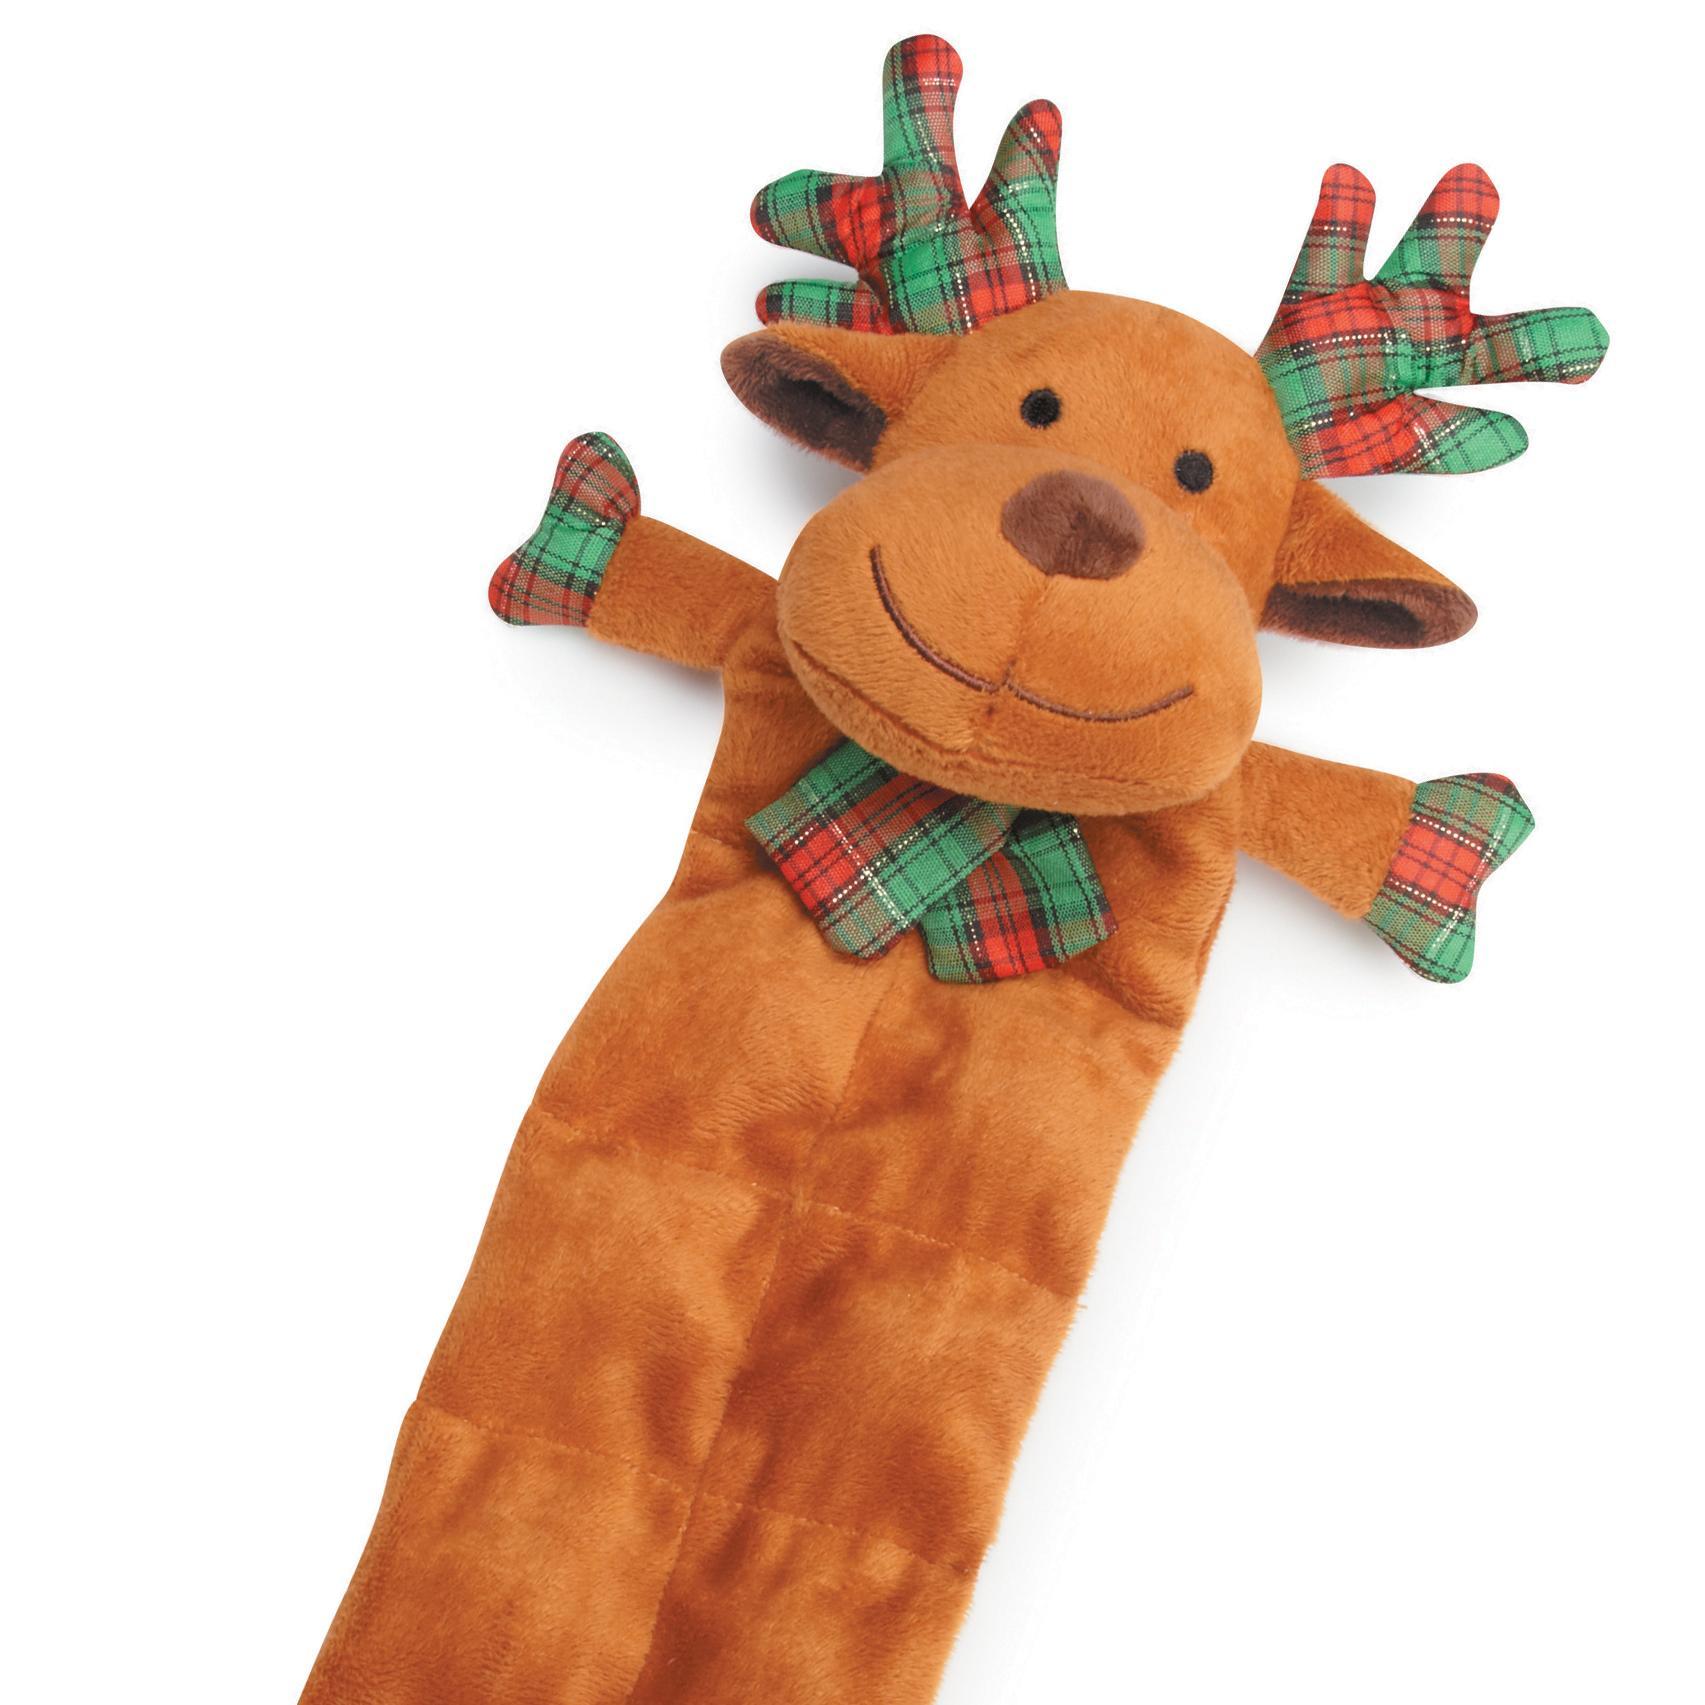 Grriggles Holiday Squeaktacular Dog Toy - Reindeer